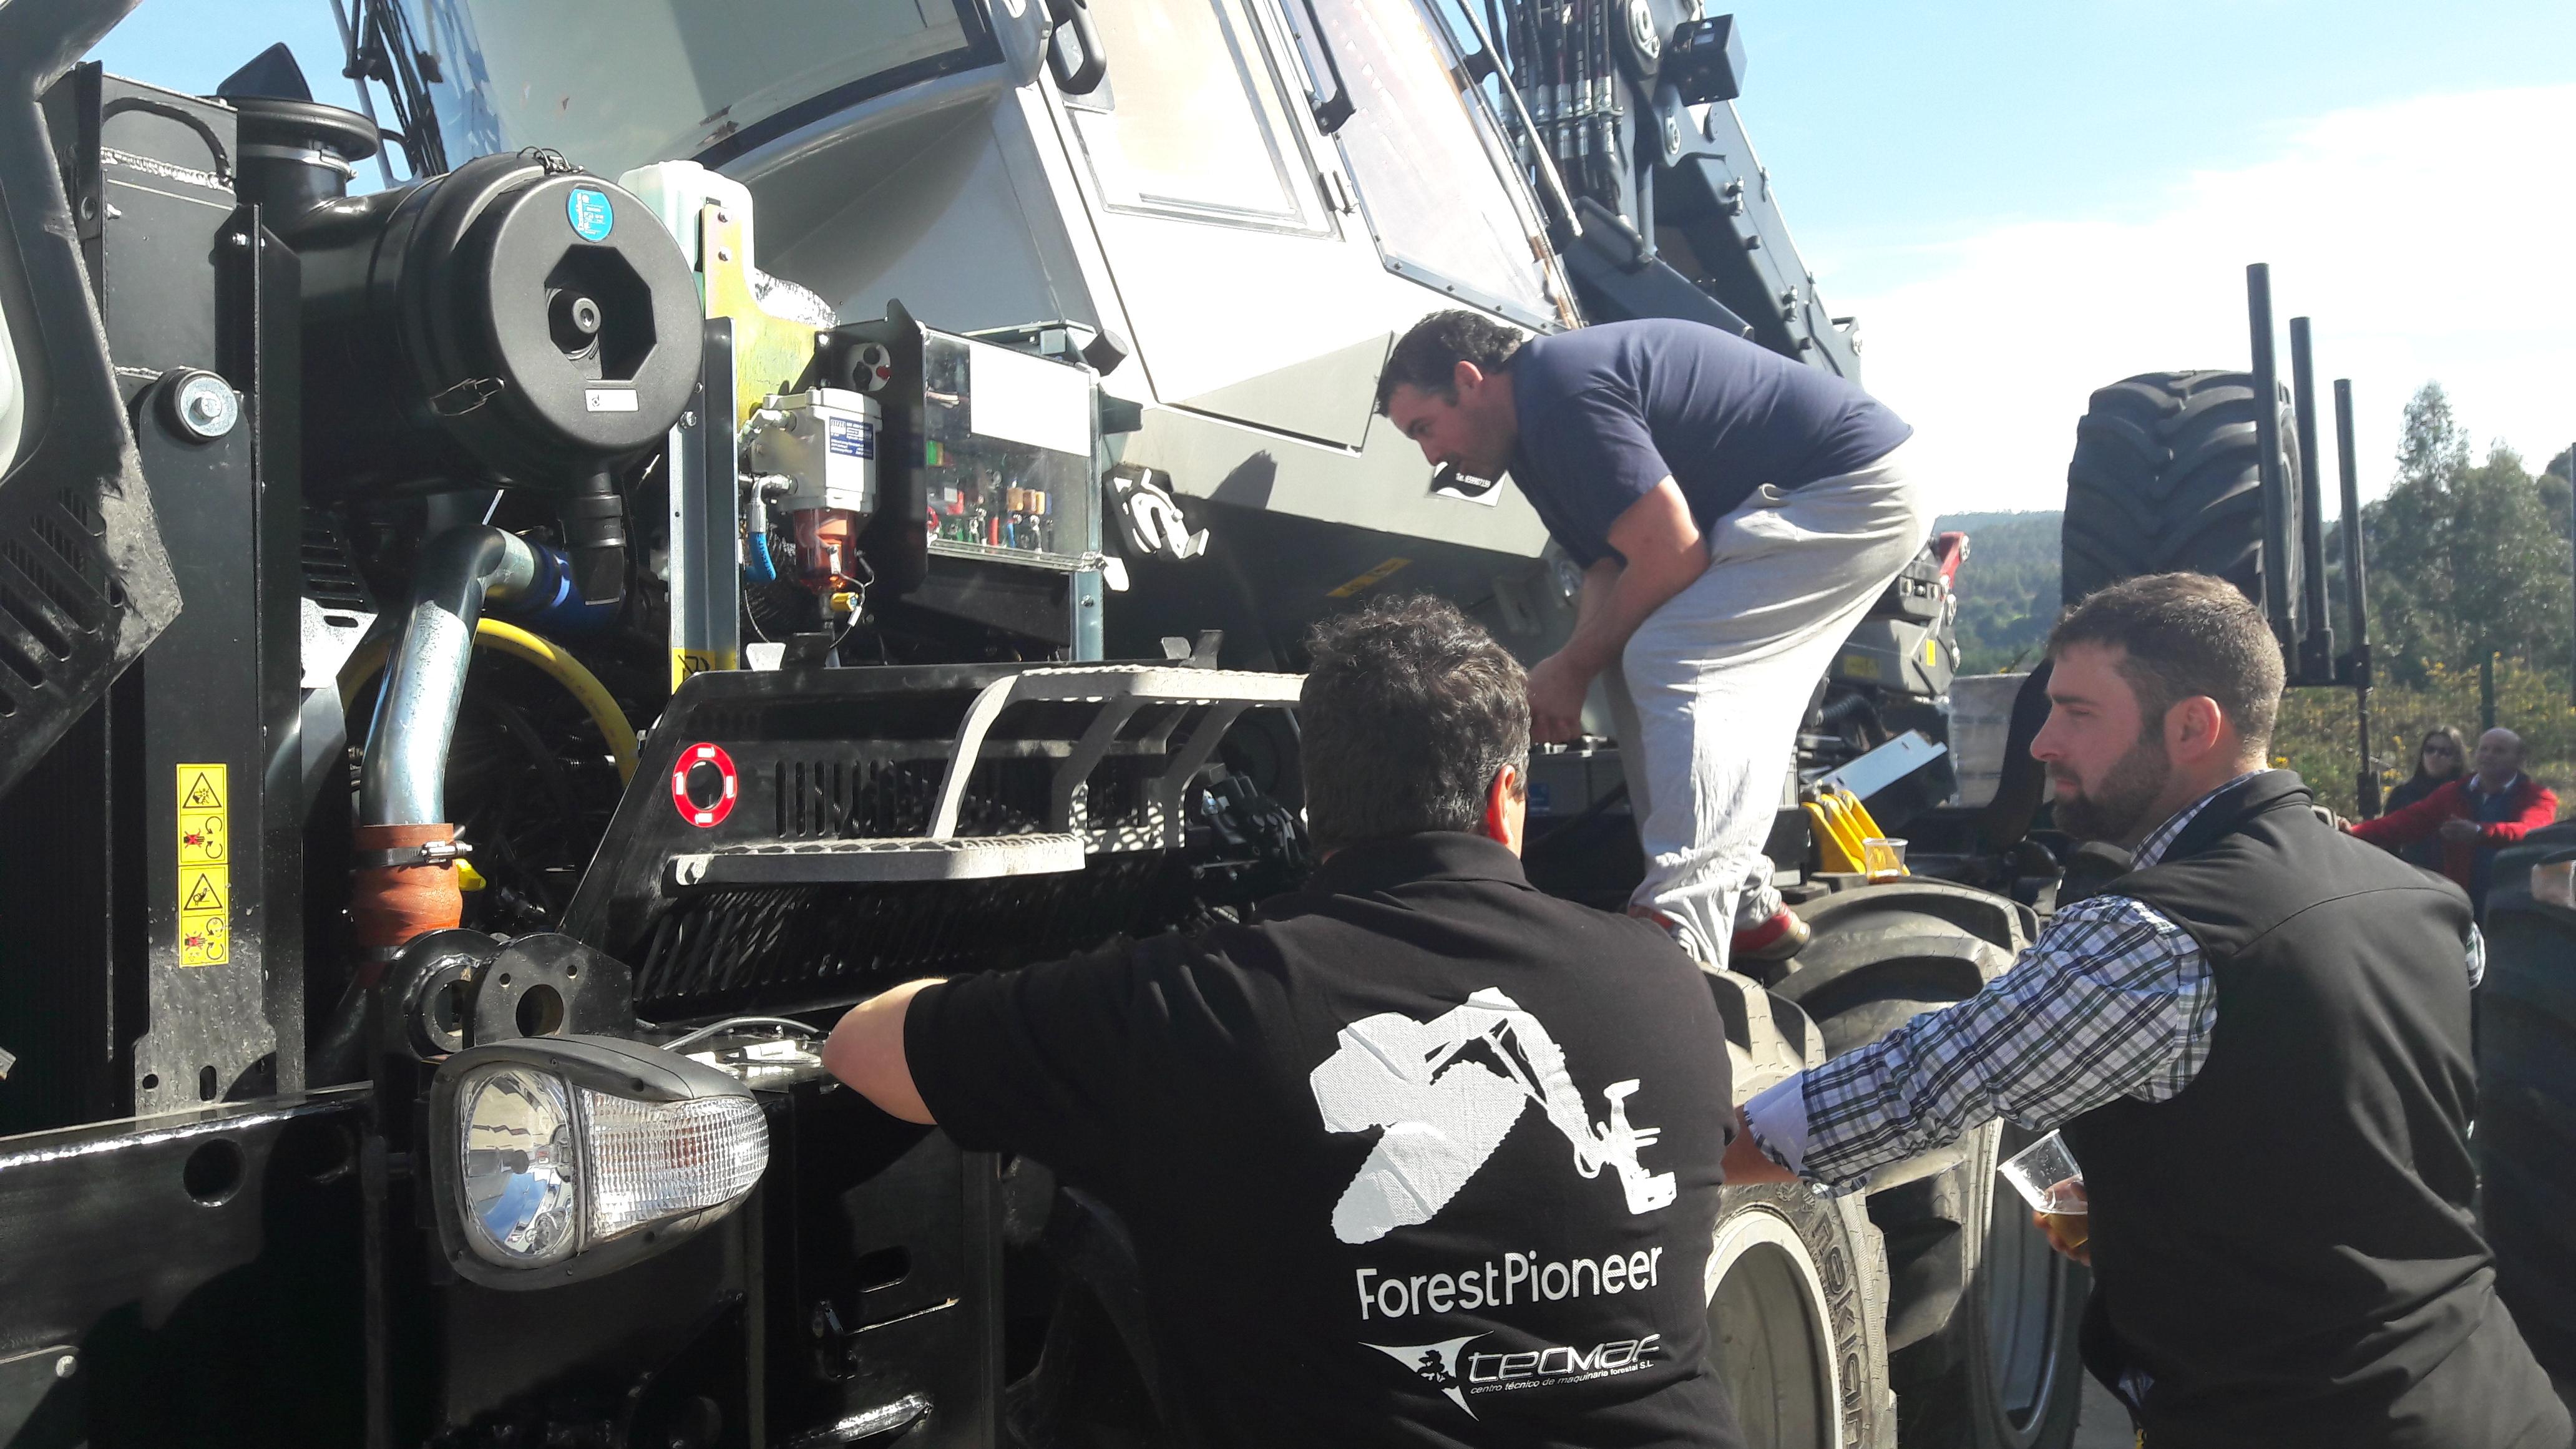 Servicio Técnico De Forest Pioneer En Tecmaf